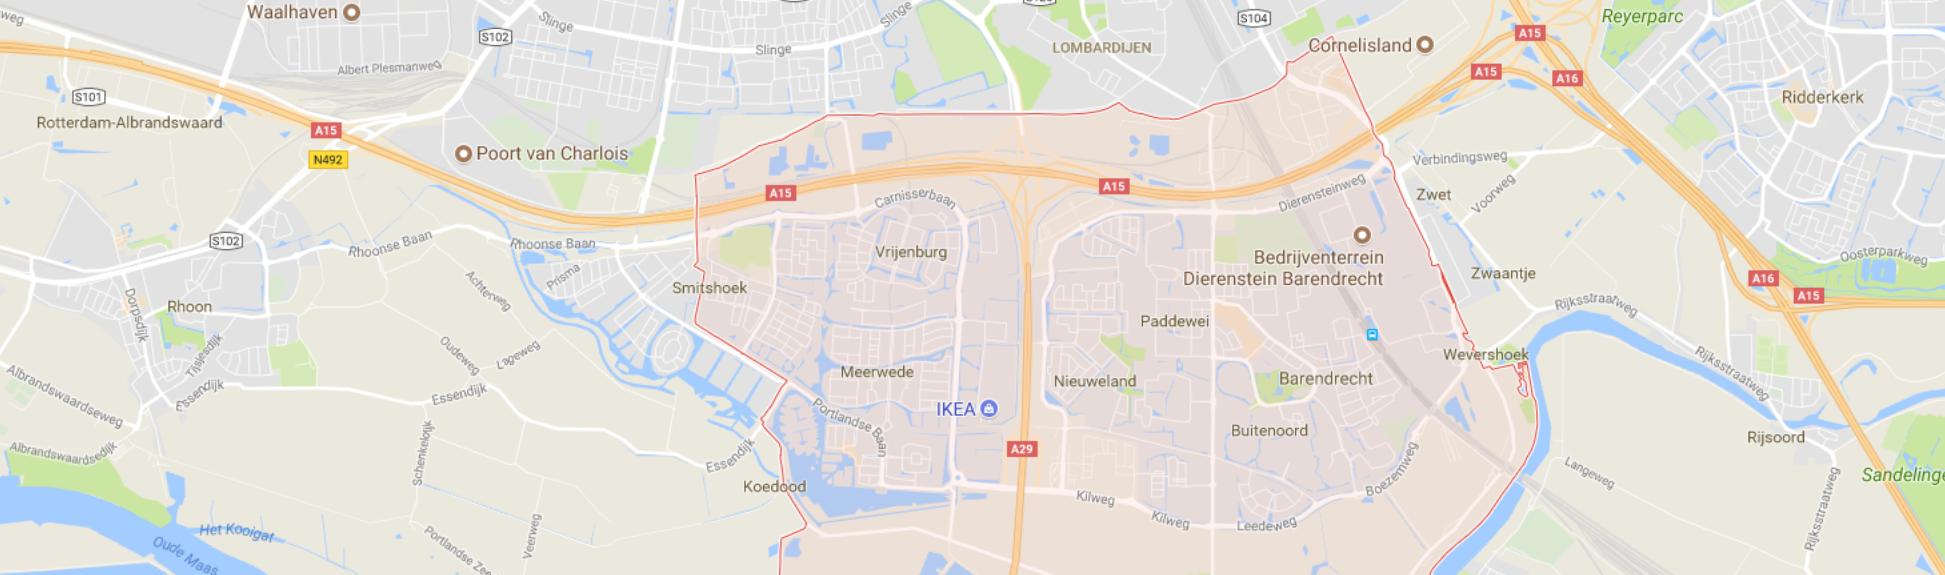 Stadskaart van Barendrecht in Nederland.